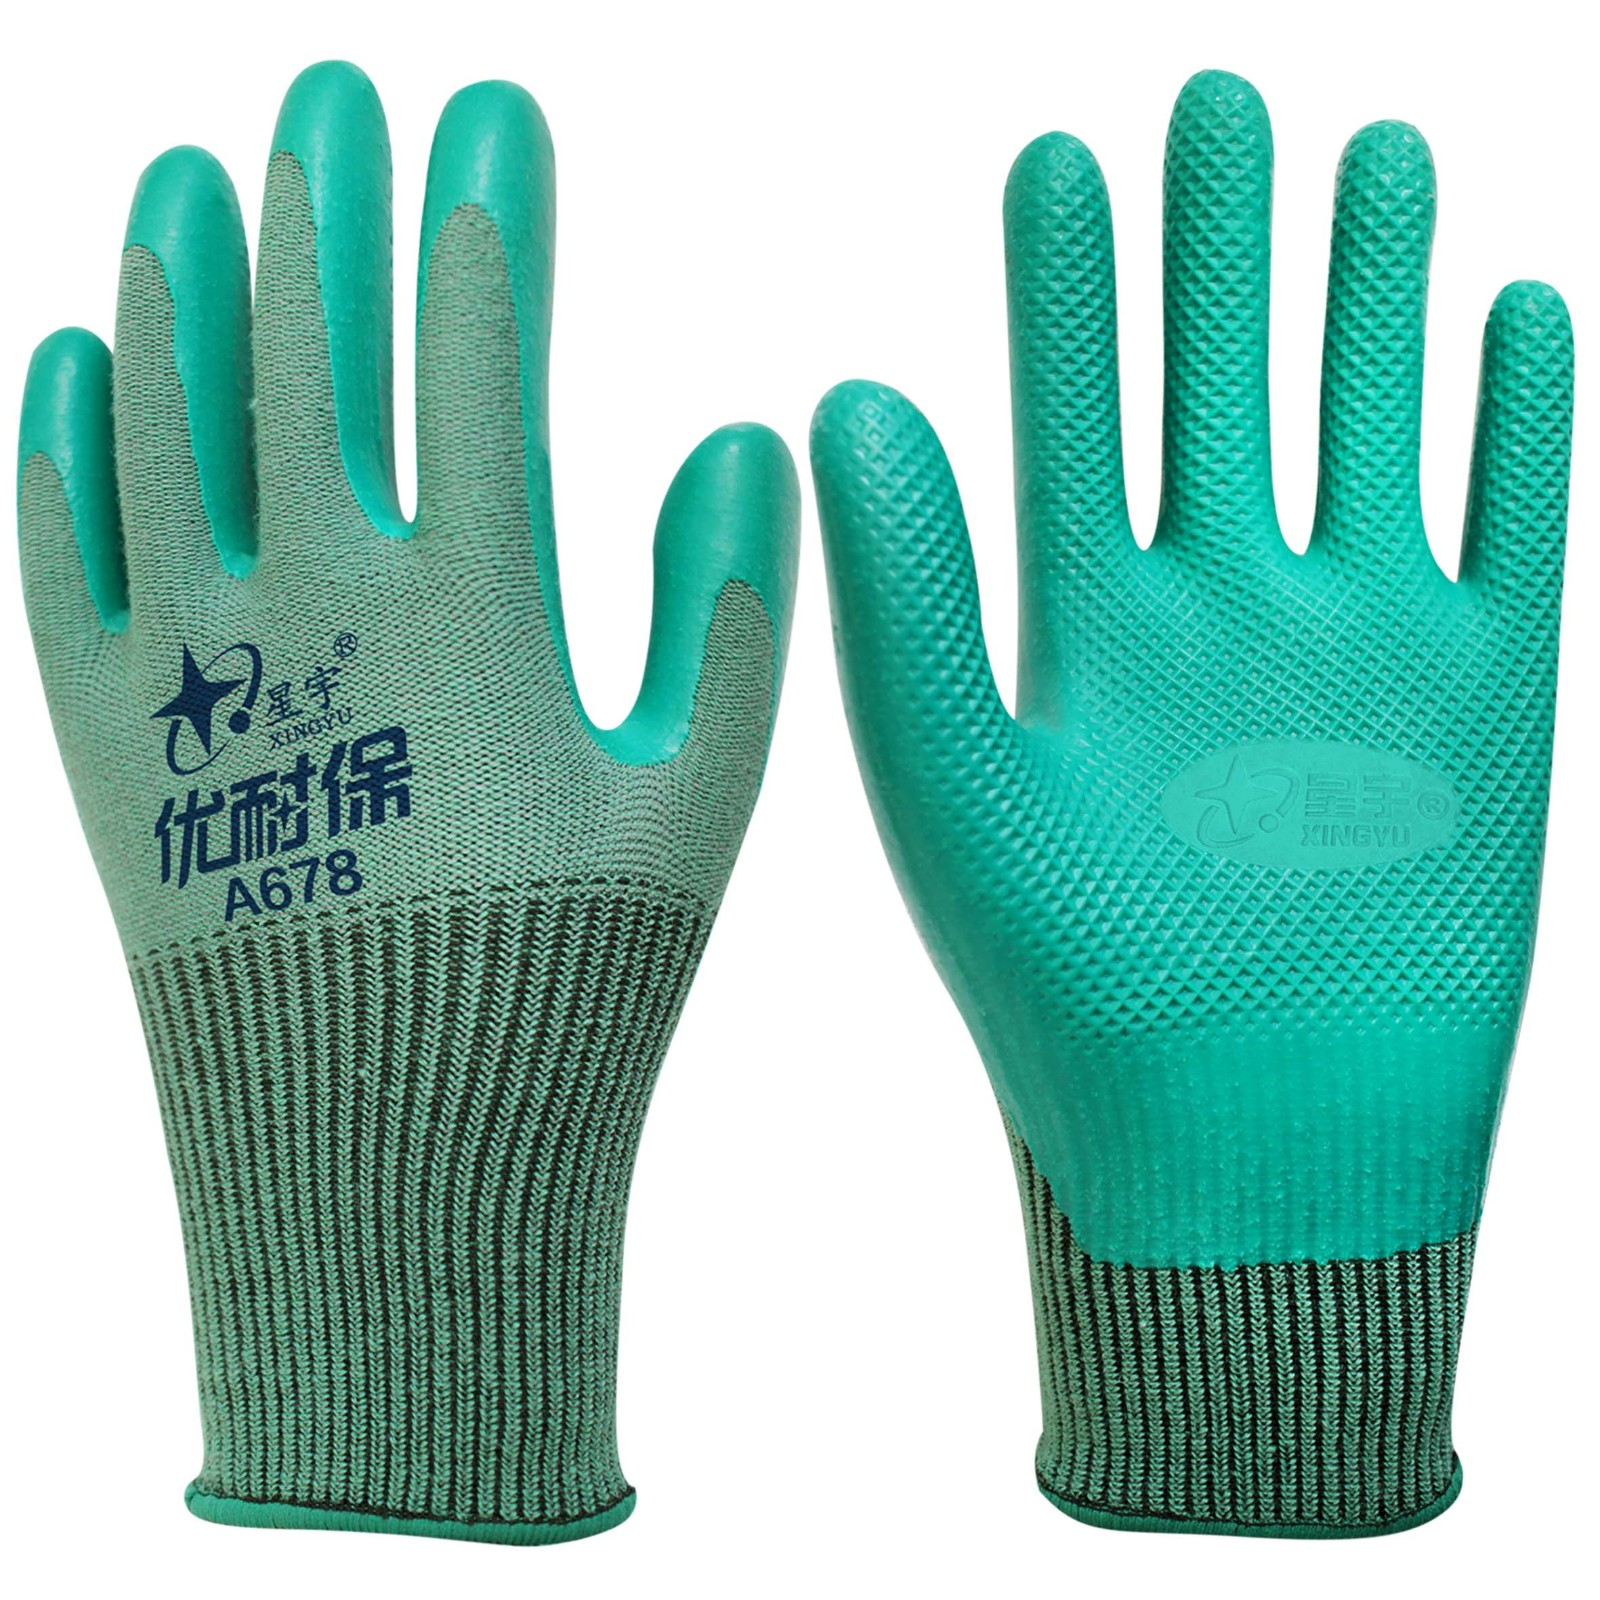 星宇优耐保A678天然乳胶耐磨防滑耐油防水劳保防护手套